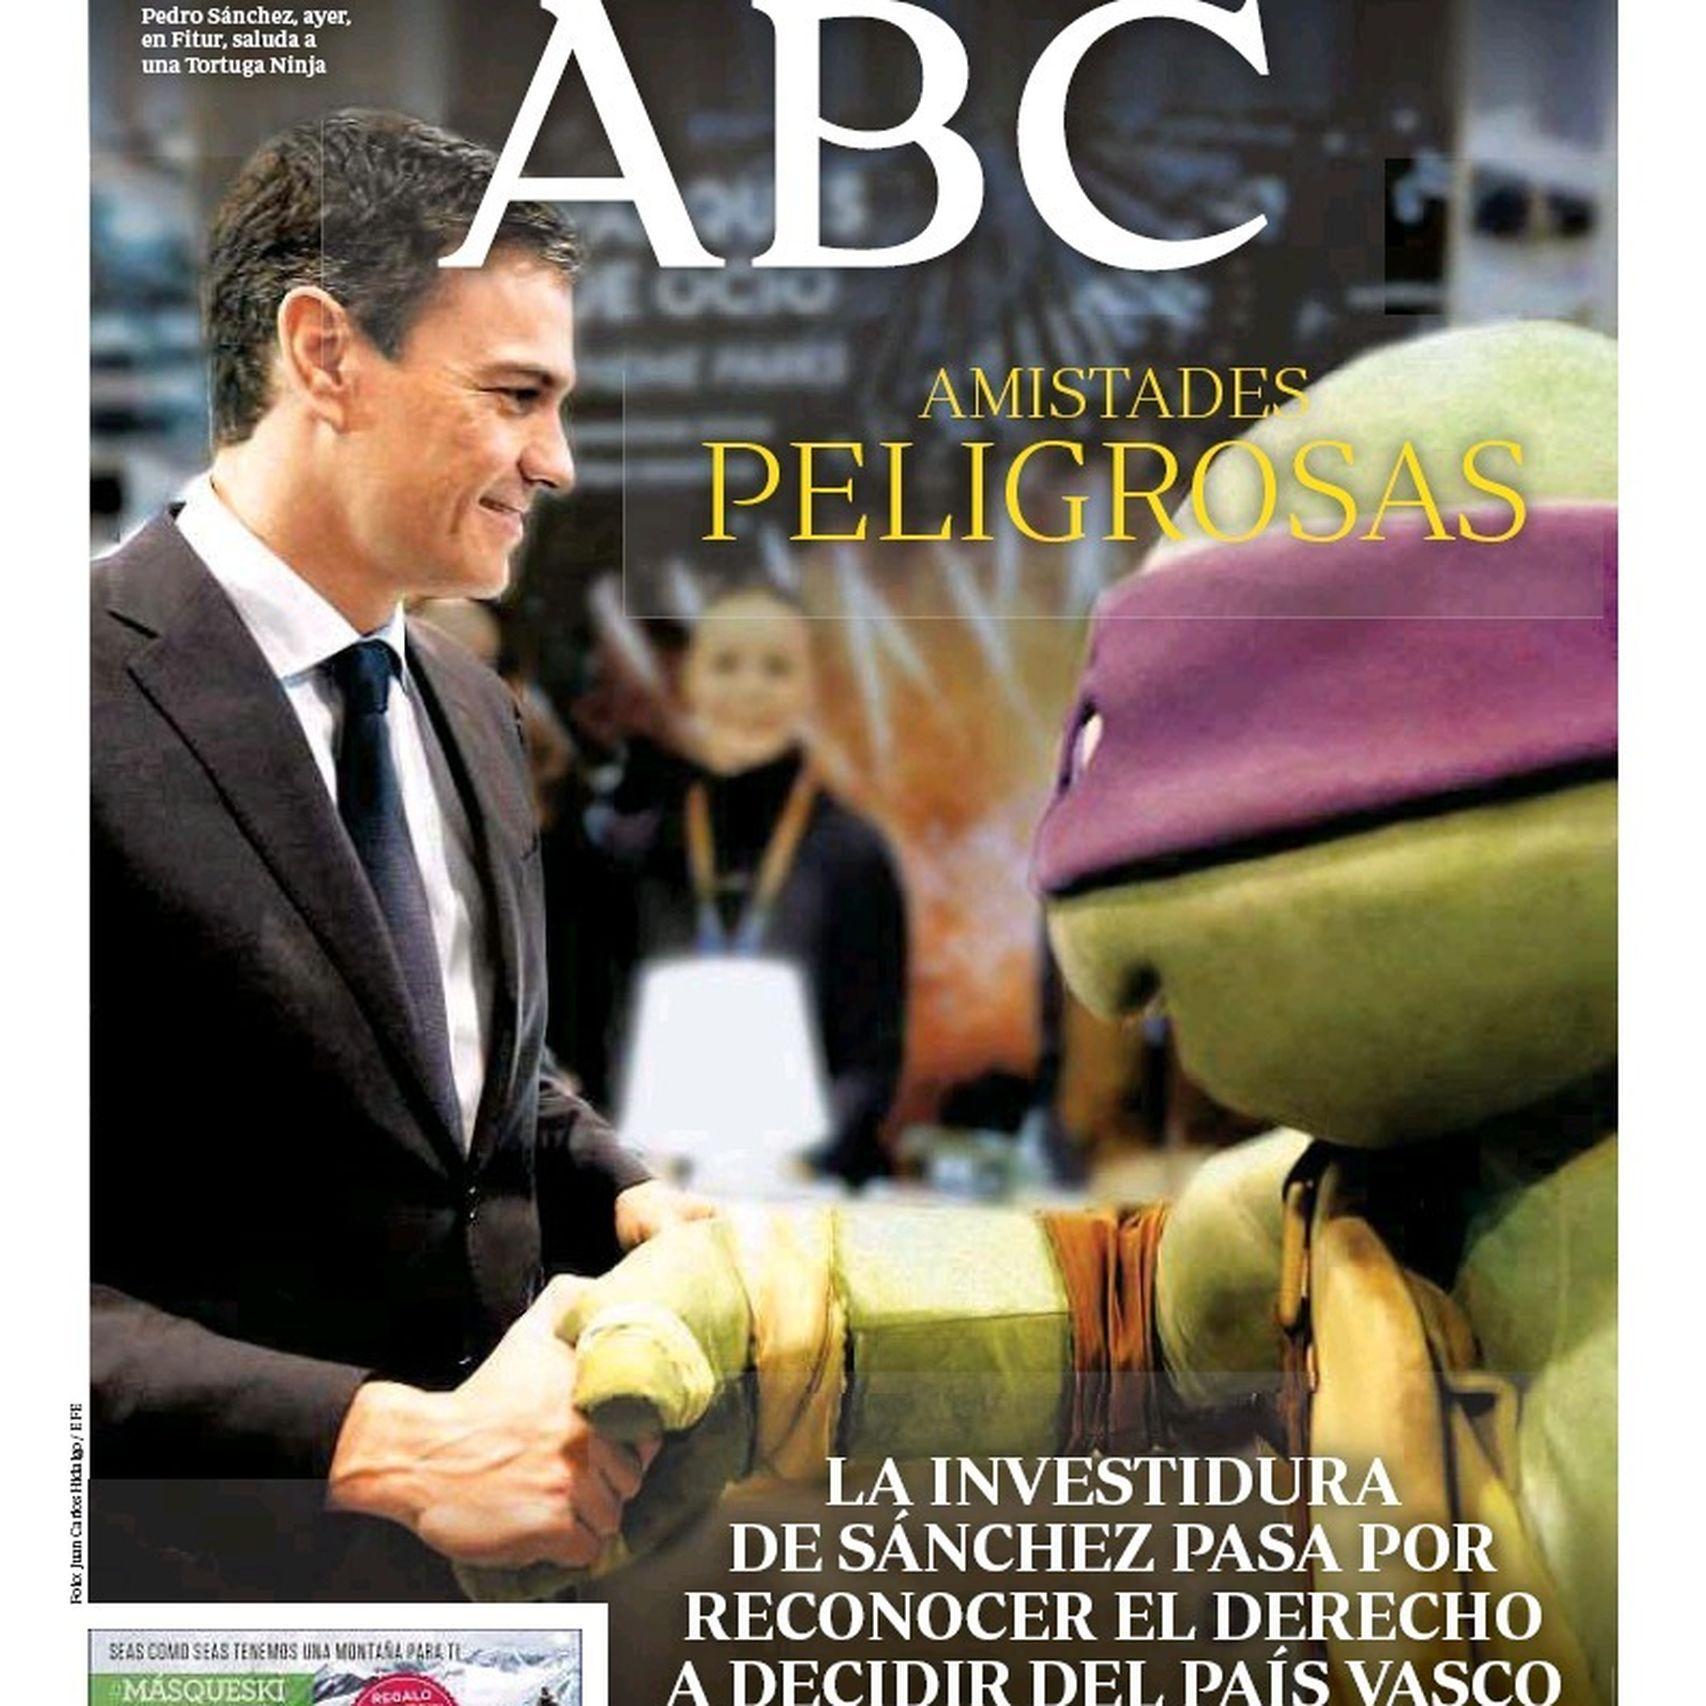 Twitter-Diario_ABC-Pedro_Sanchez-PSOE-FITUR-Podemos-Dibujos-Espana_96500353_462487_1706x1706